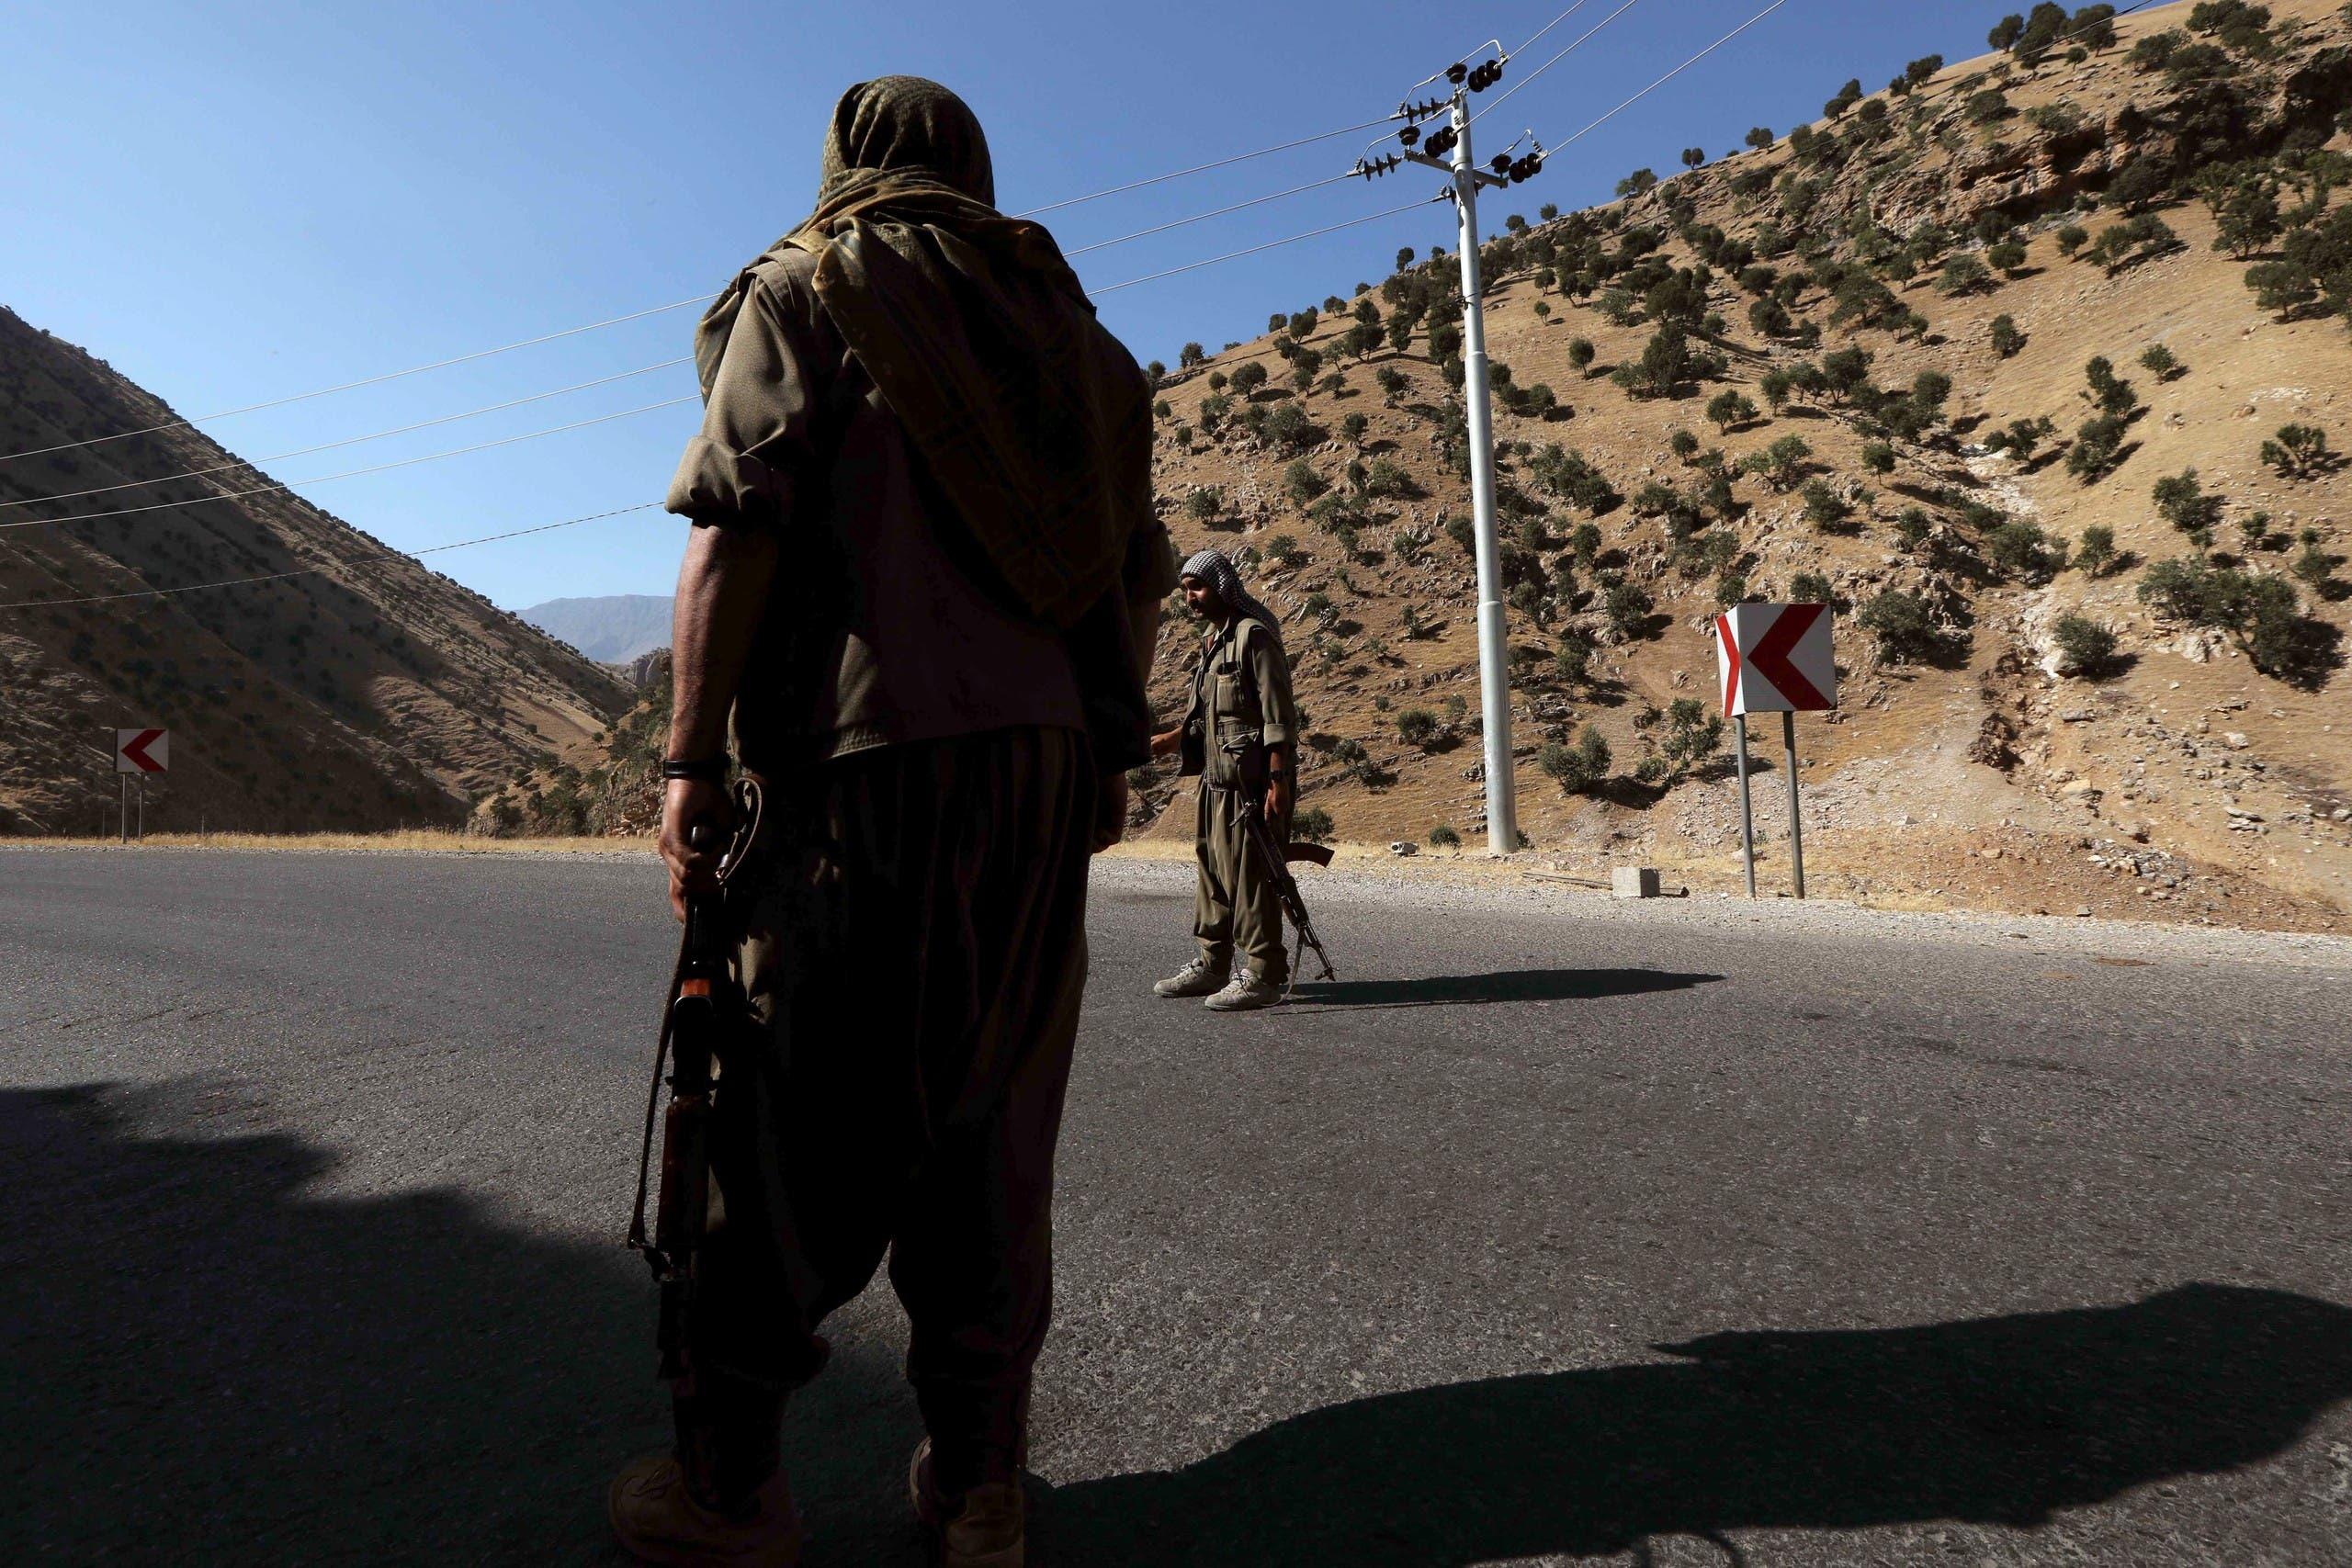 عناصر من حزب العمال الكردستاني في مناطق عراقية حدودية مع تركيا (أرشيفية)